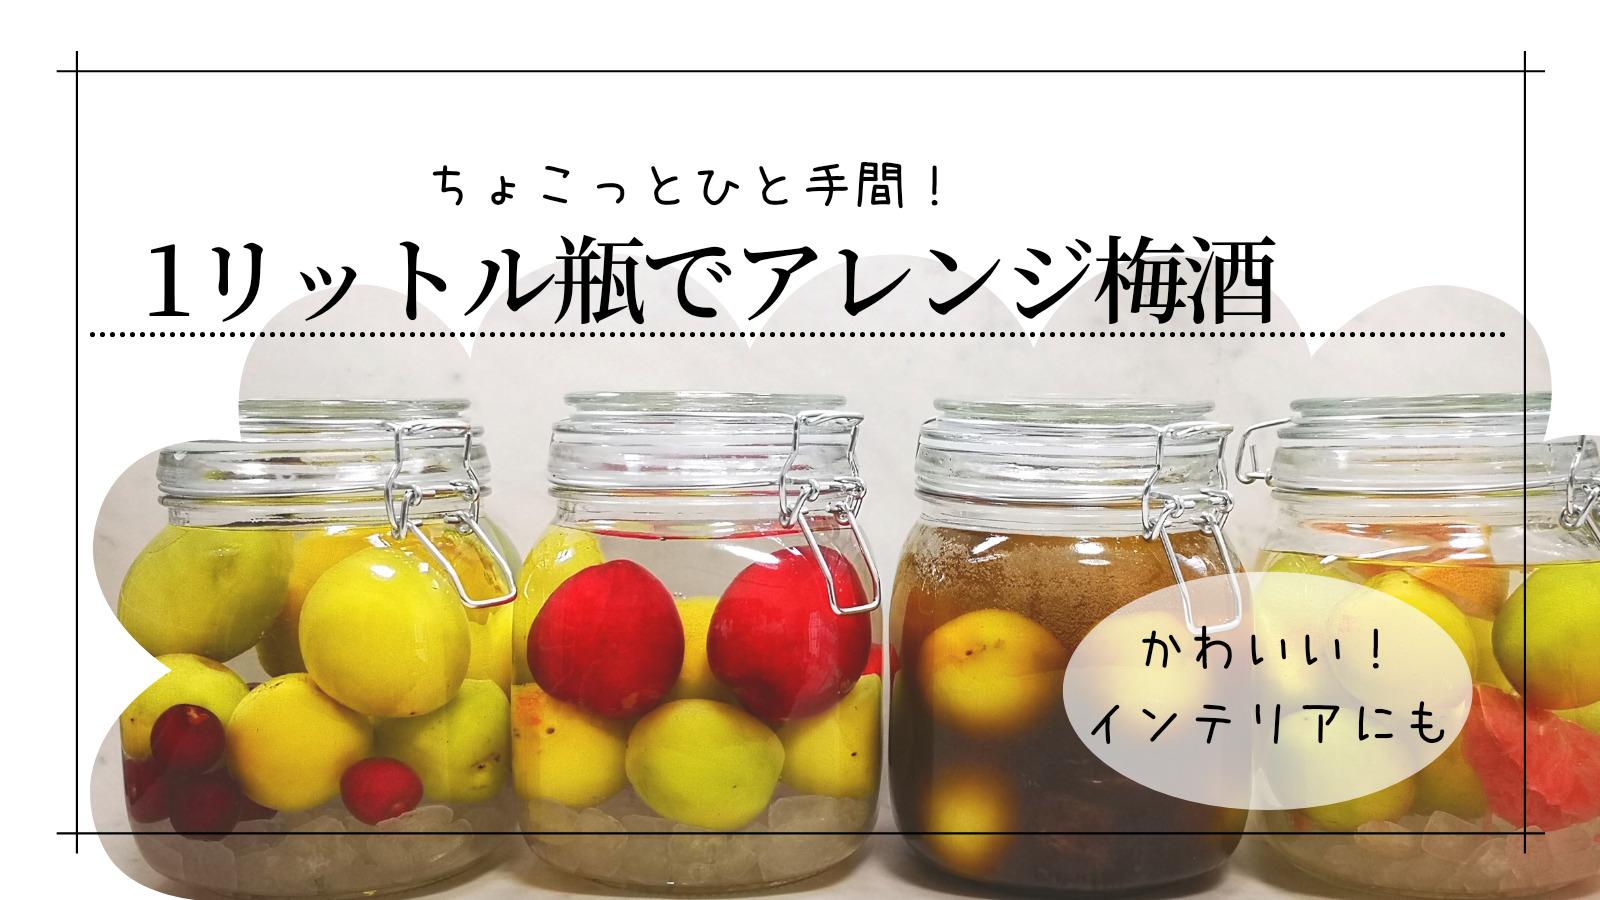 【梅しごと】1リットル瓶でアレンジ梅酒 かわいいのでインテリアにも